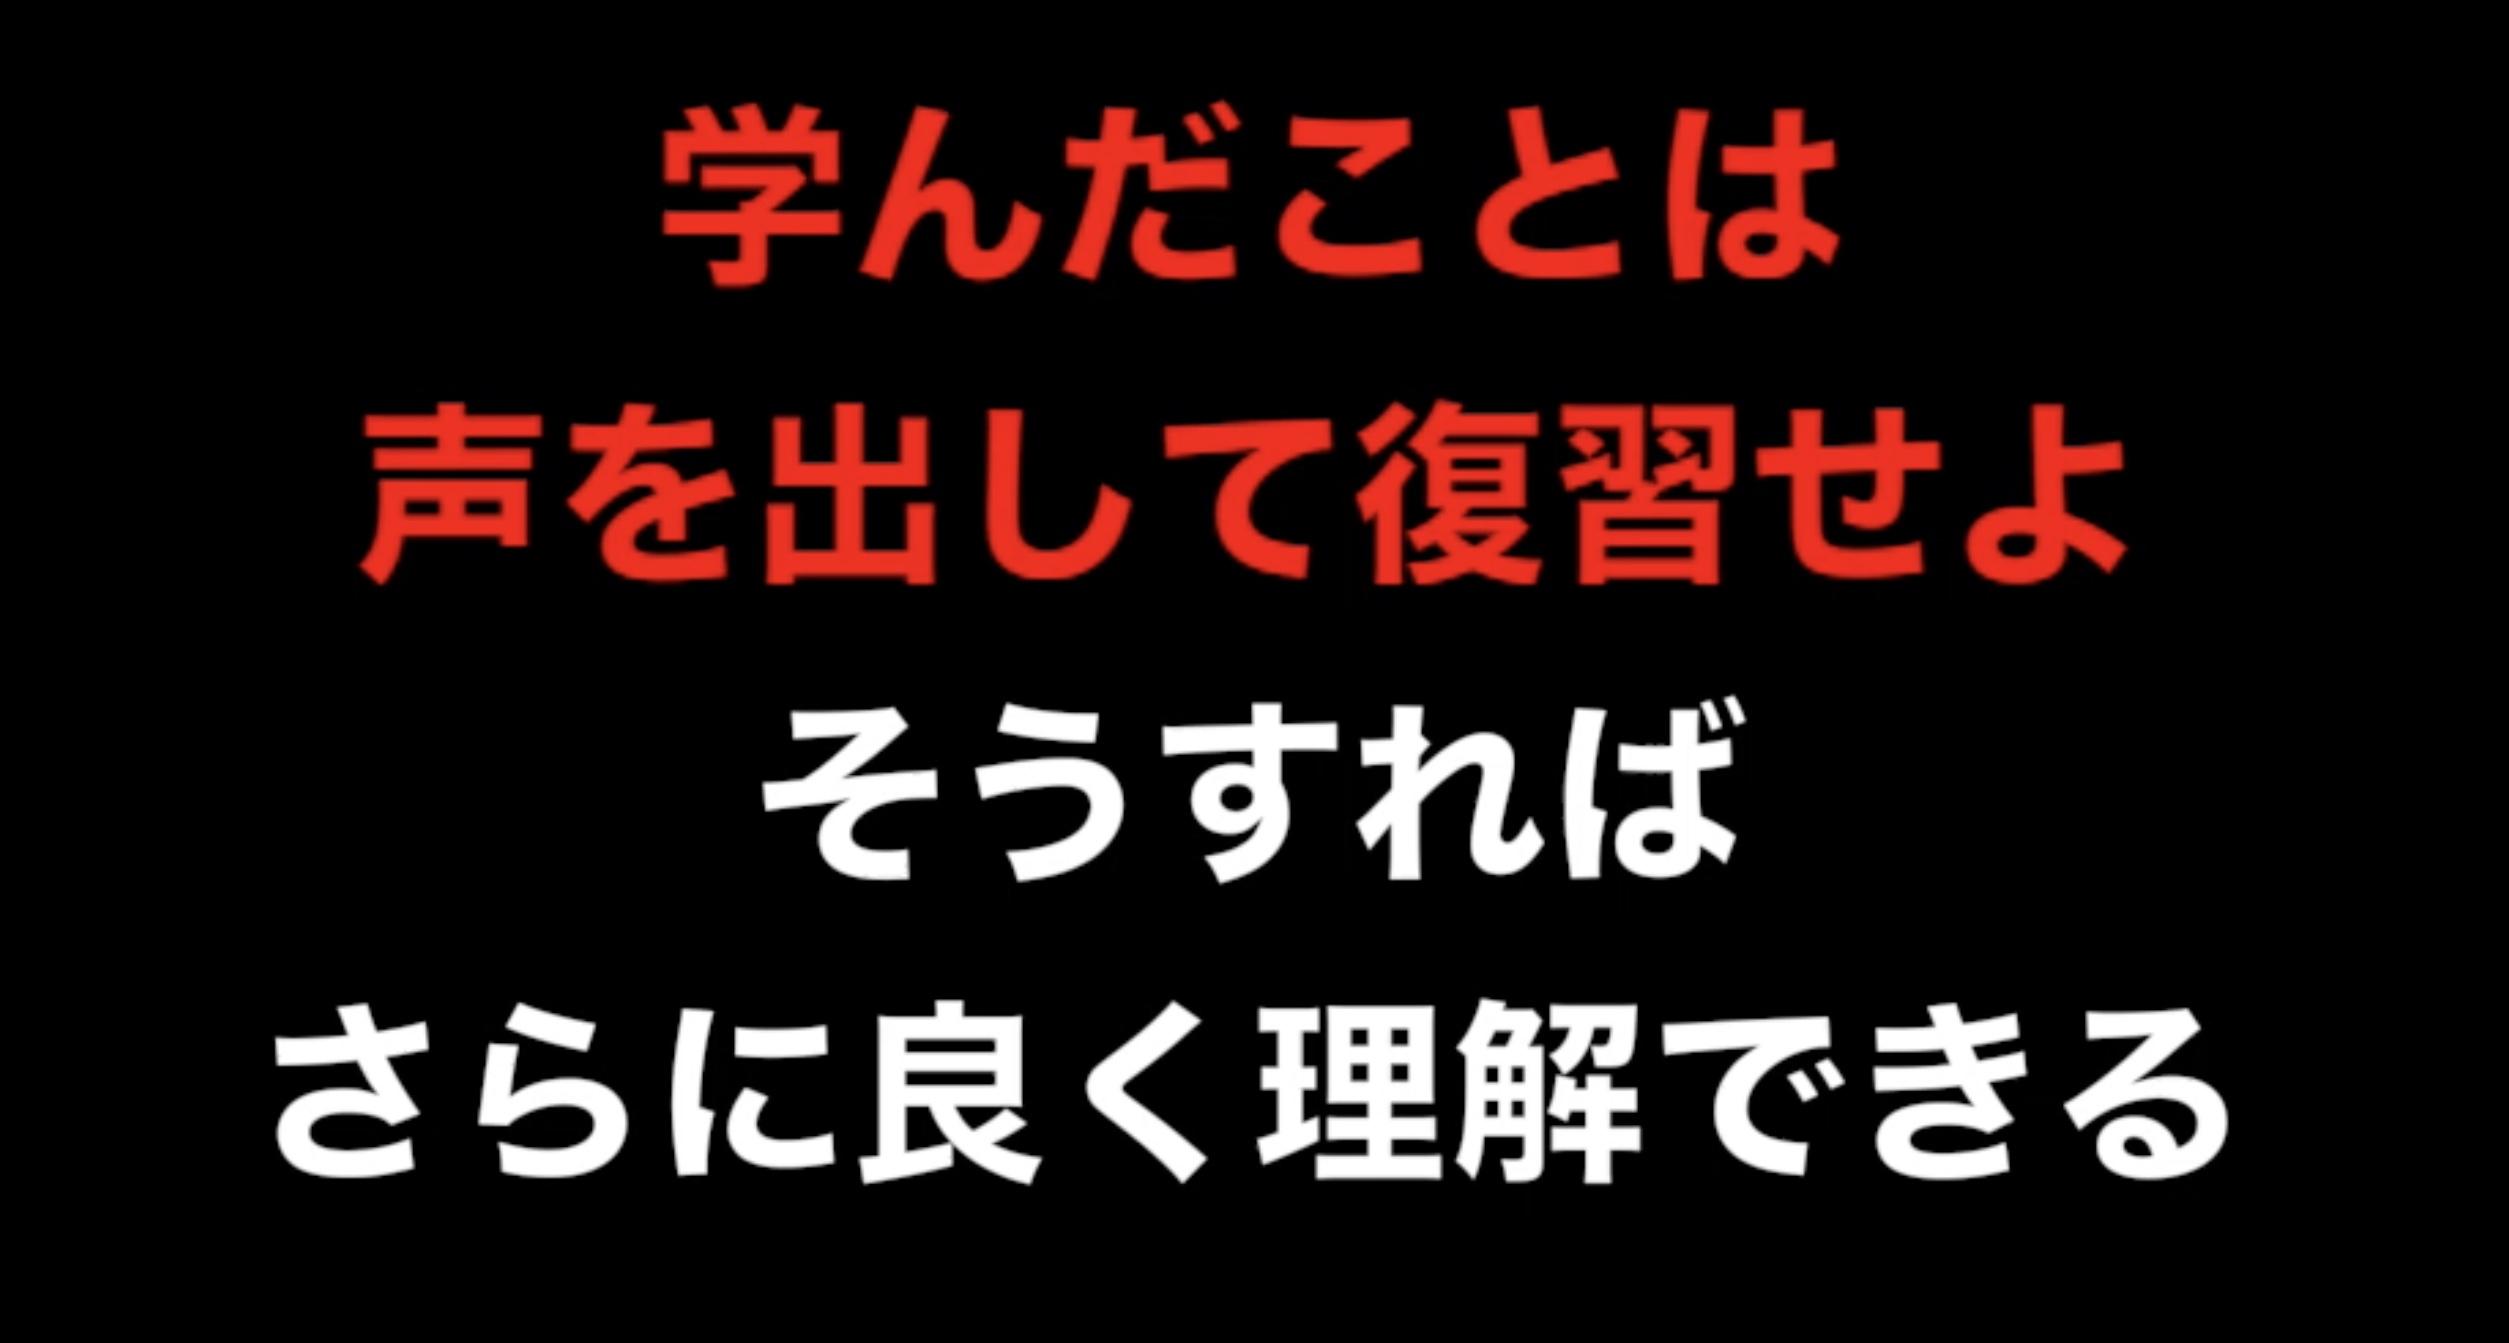 第2898話・・・バレー塾in東京_c0000970_10105408.jpg